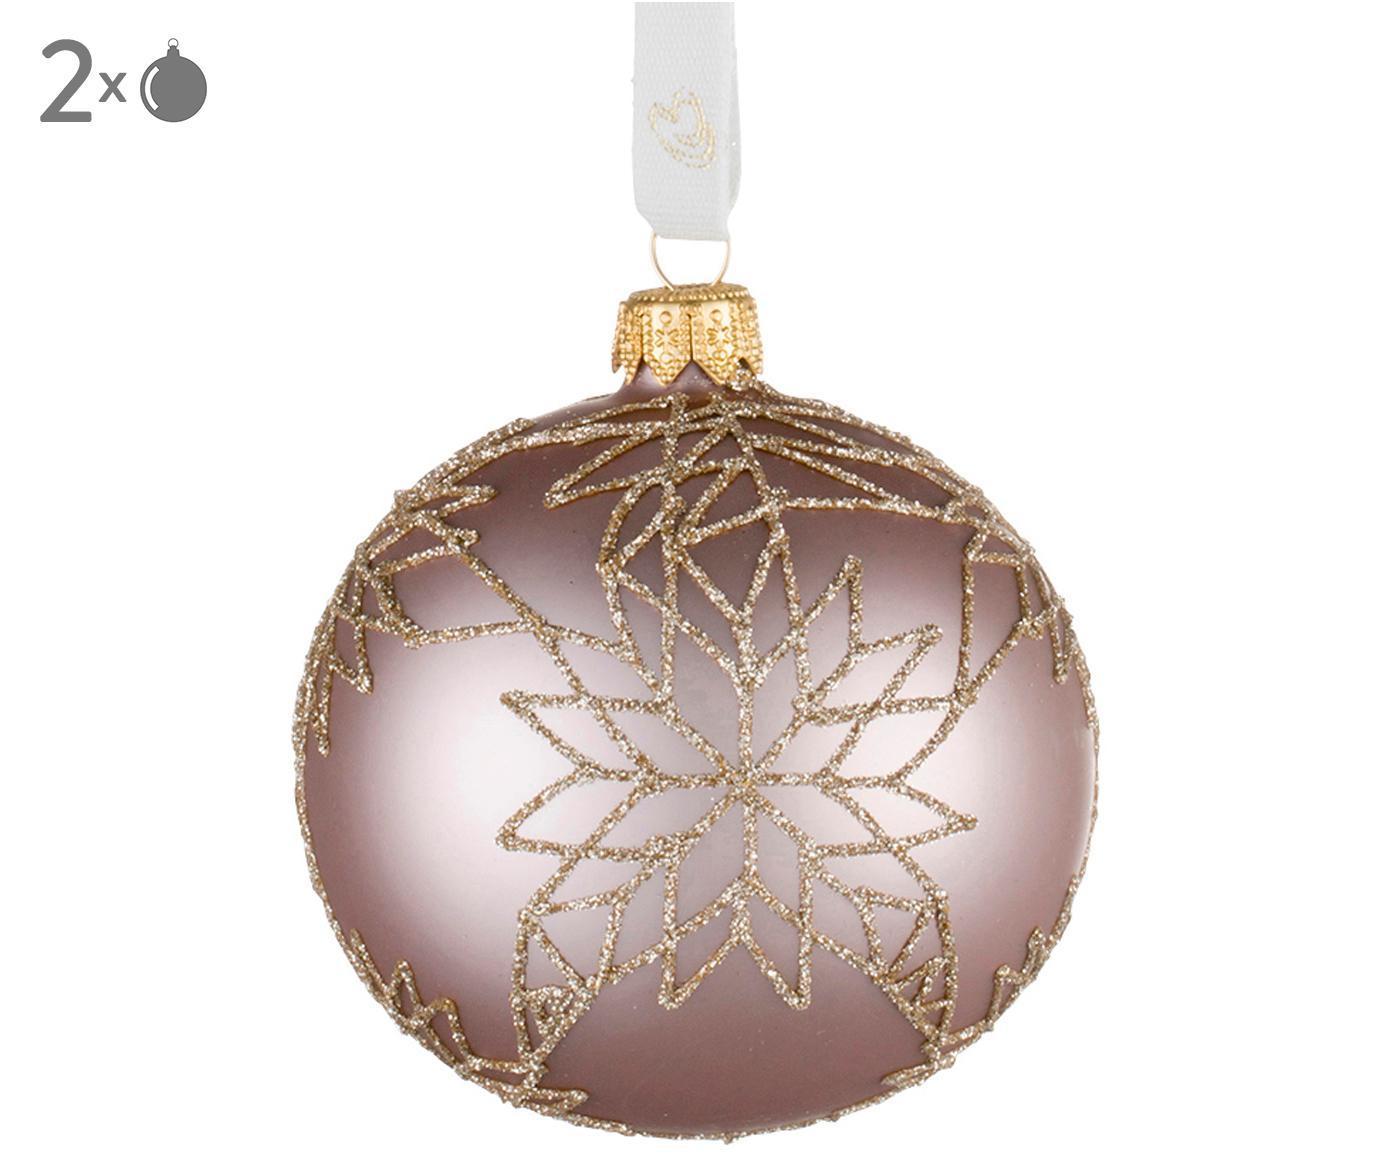 Bolas de Navidad Cadelia, 2uds., Rosa, dorado, Ø 8 x Al 8 cm